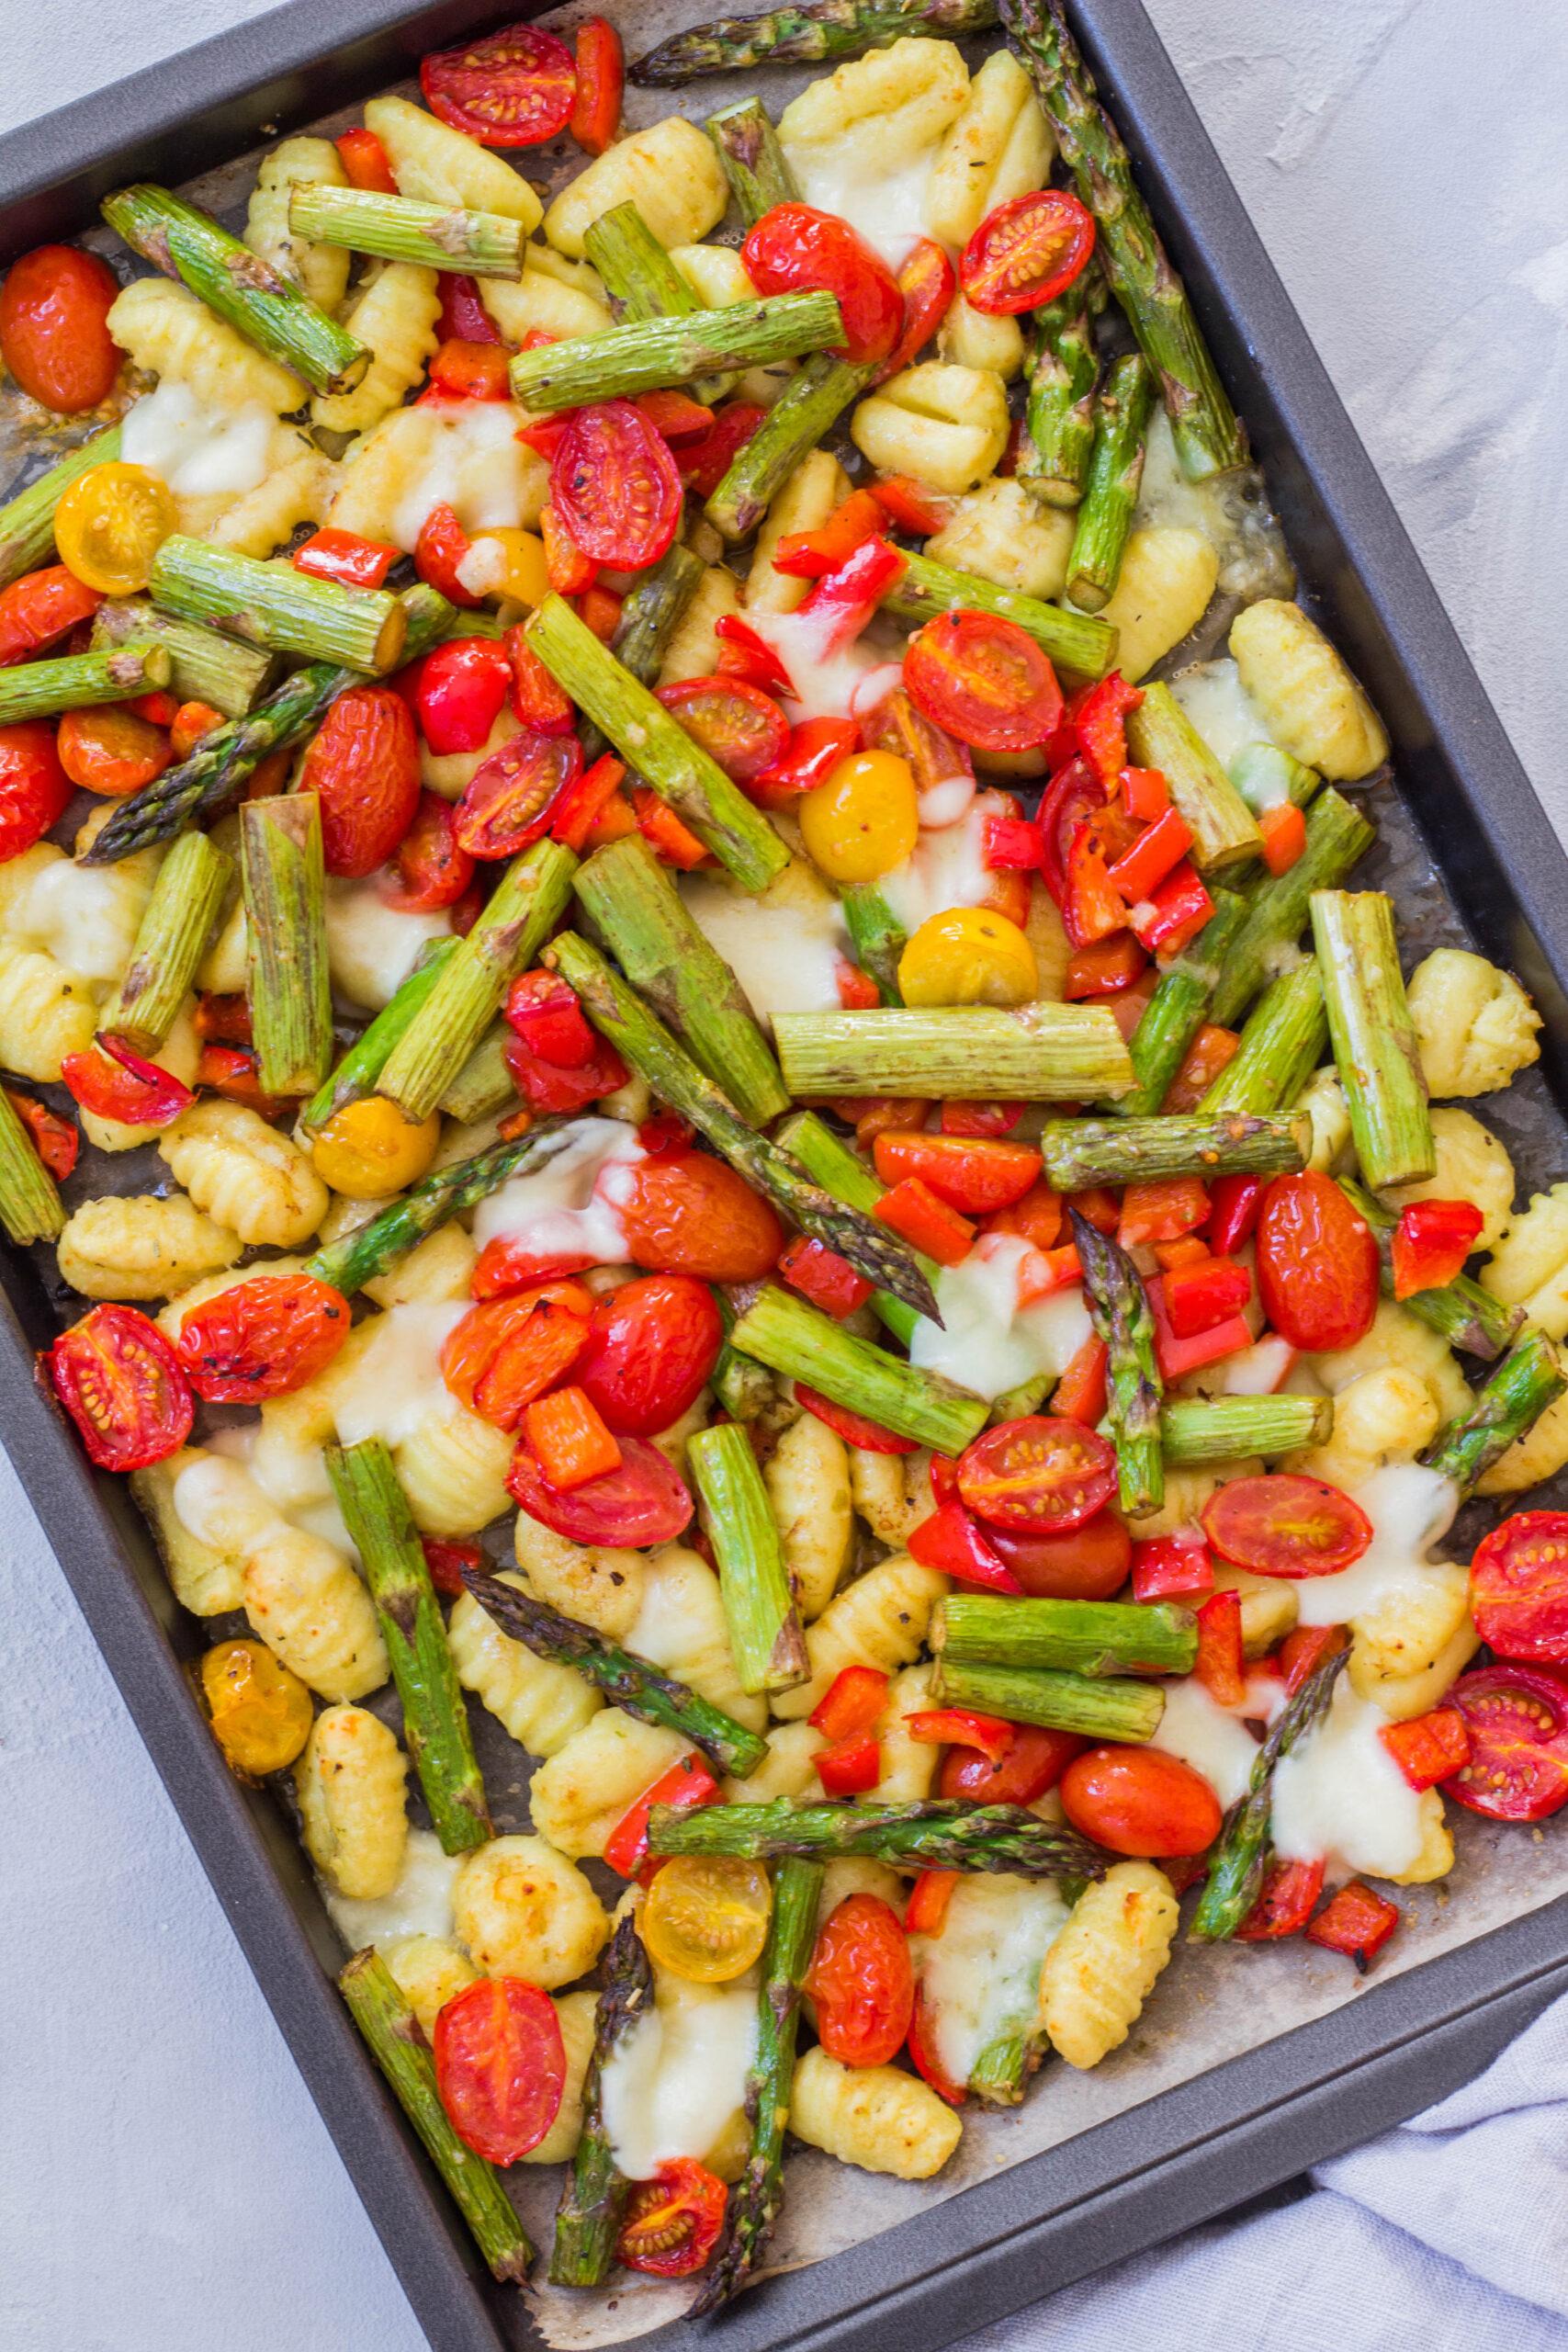 Gnocchi vom Blech mit grünem Spargel, Tomaten, Paprika und Mozzarella.